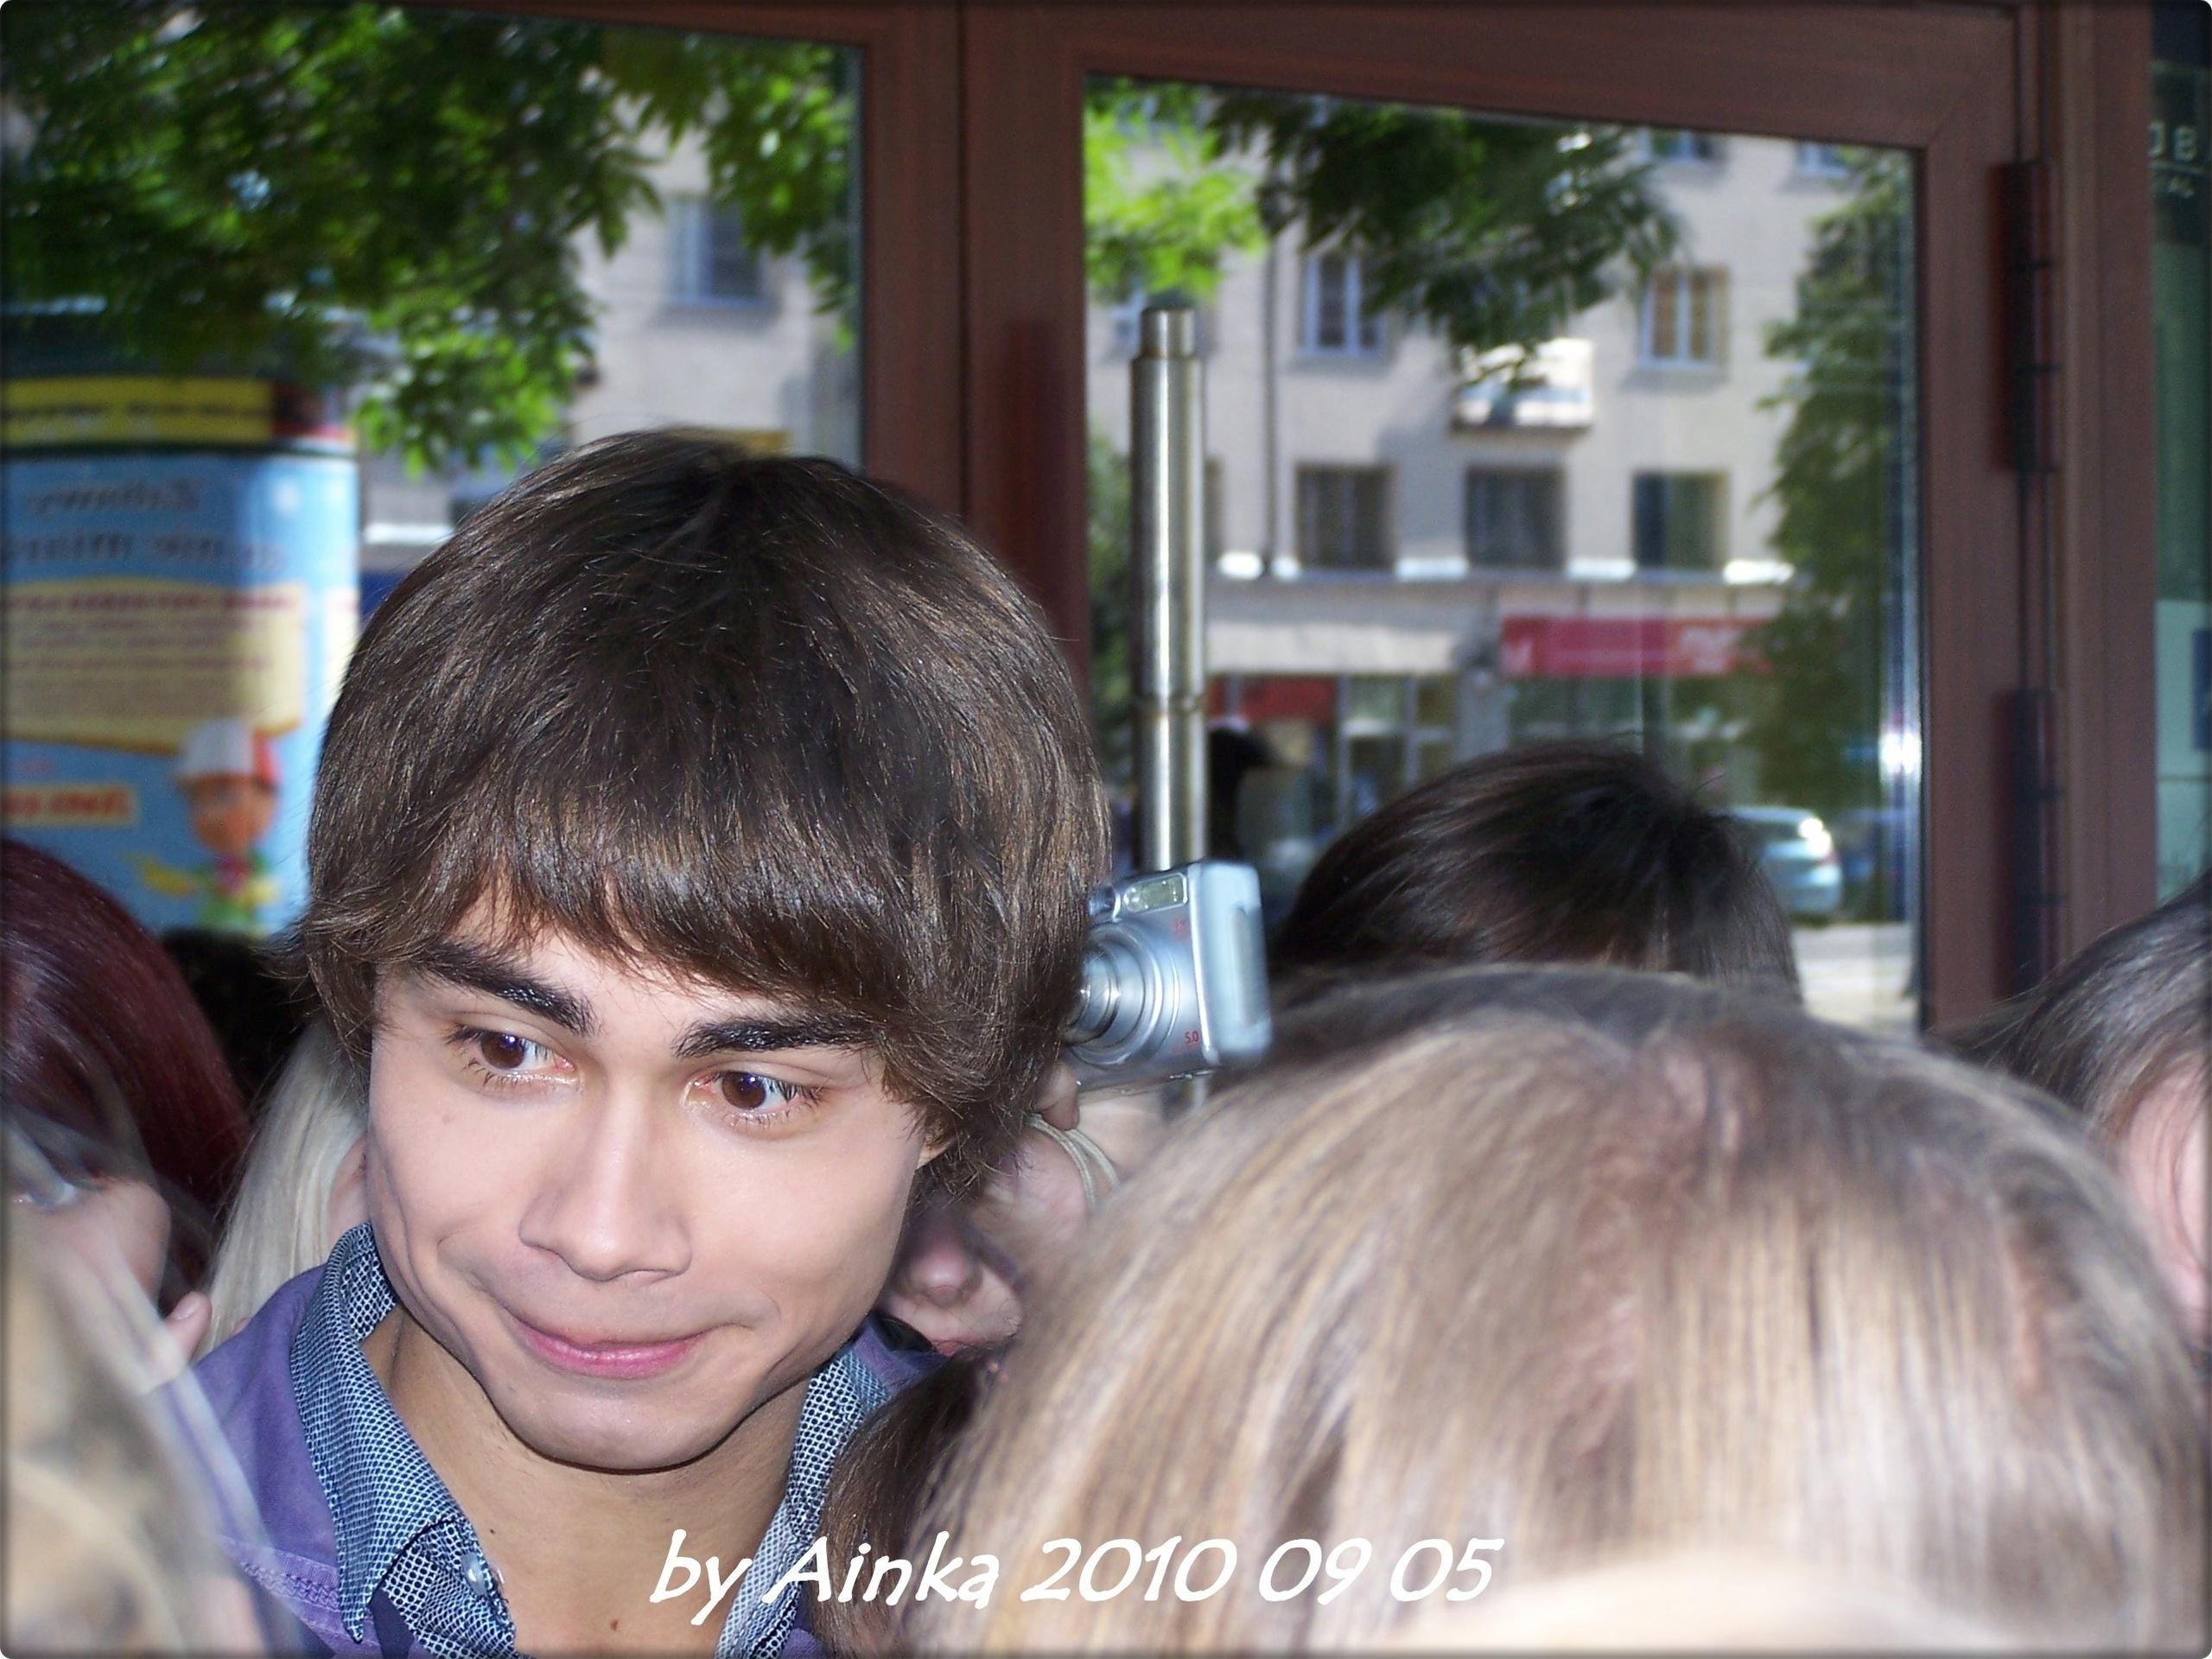 Alex's visit in Poland